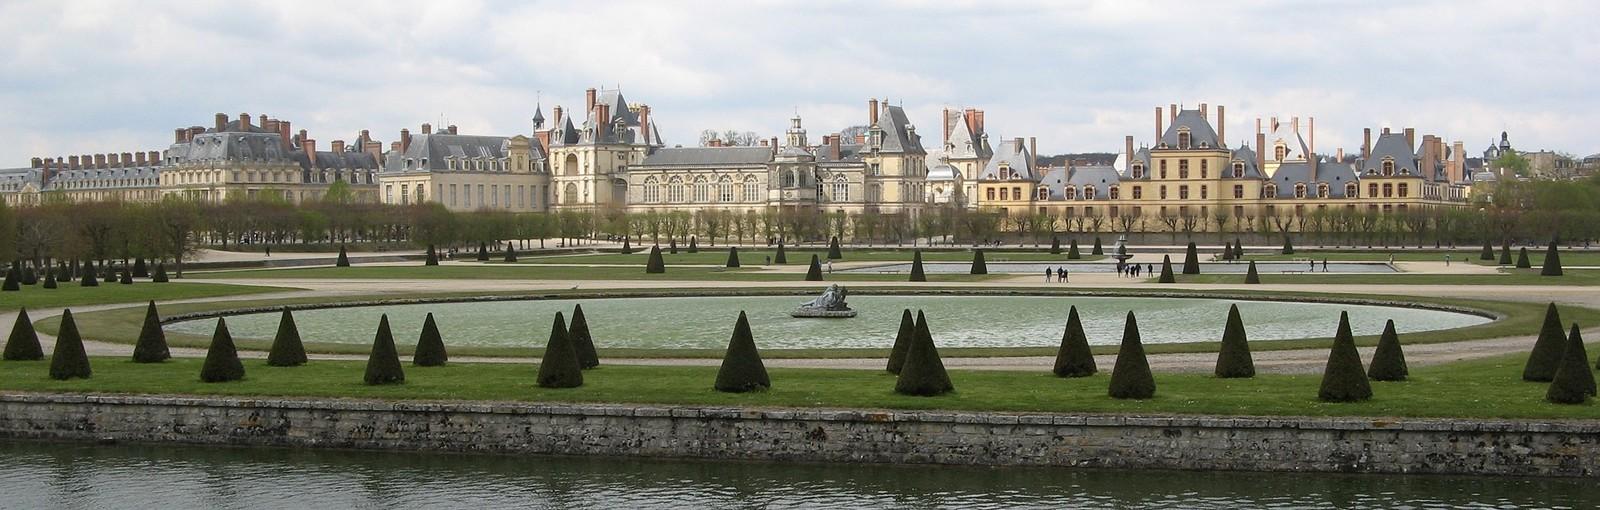 Tours Fontainebleau - Barbizon - Half days - Day tours from Paris